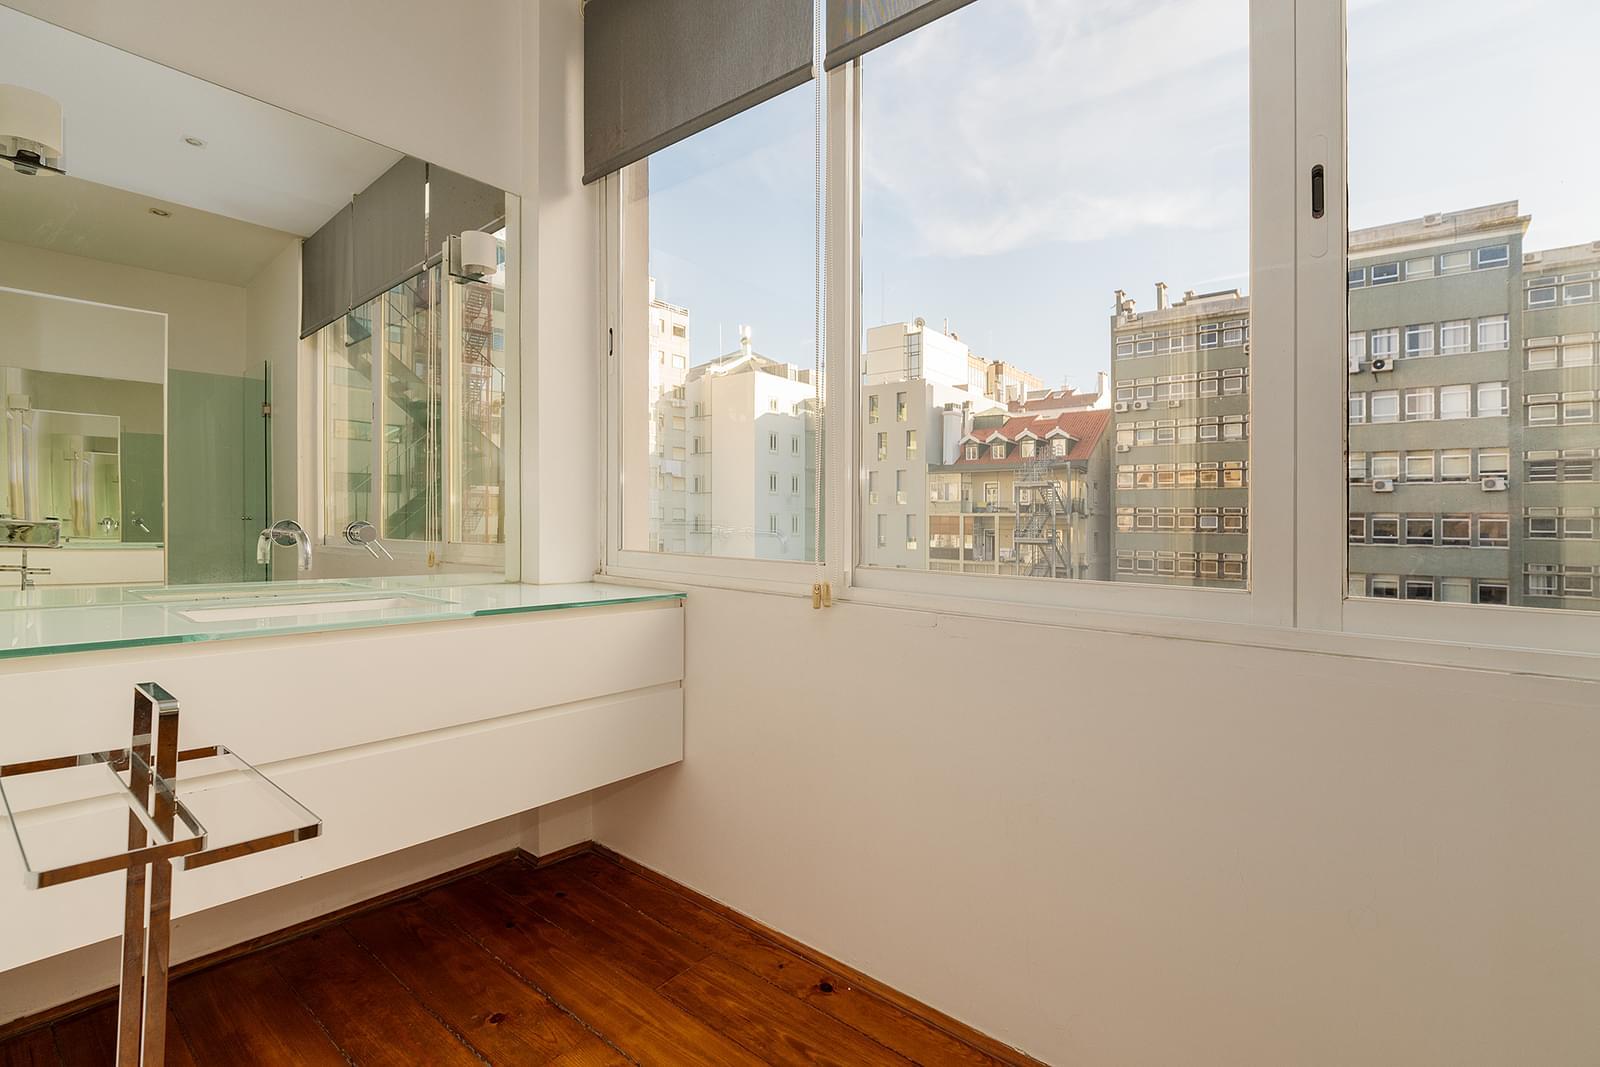 pf18723-apartamento-t3-1-lisboa-04d9a56f-affb-4f69-b4fd-74af01642574